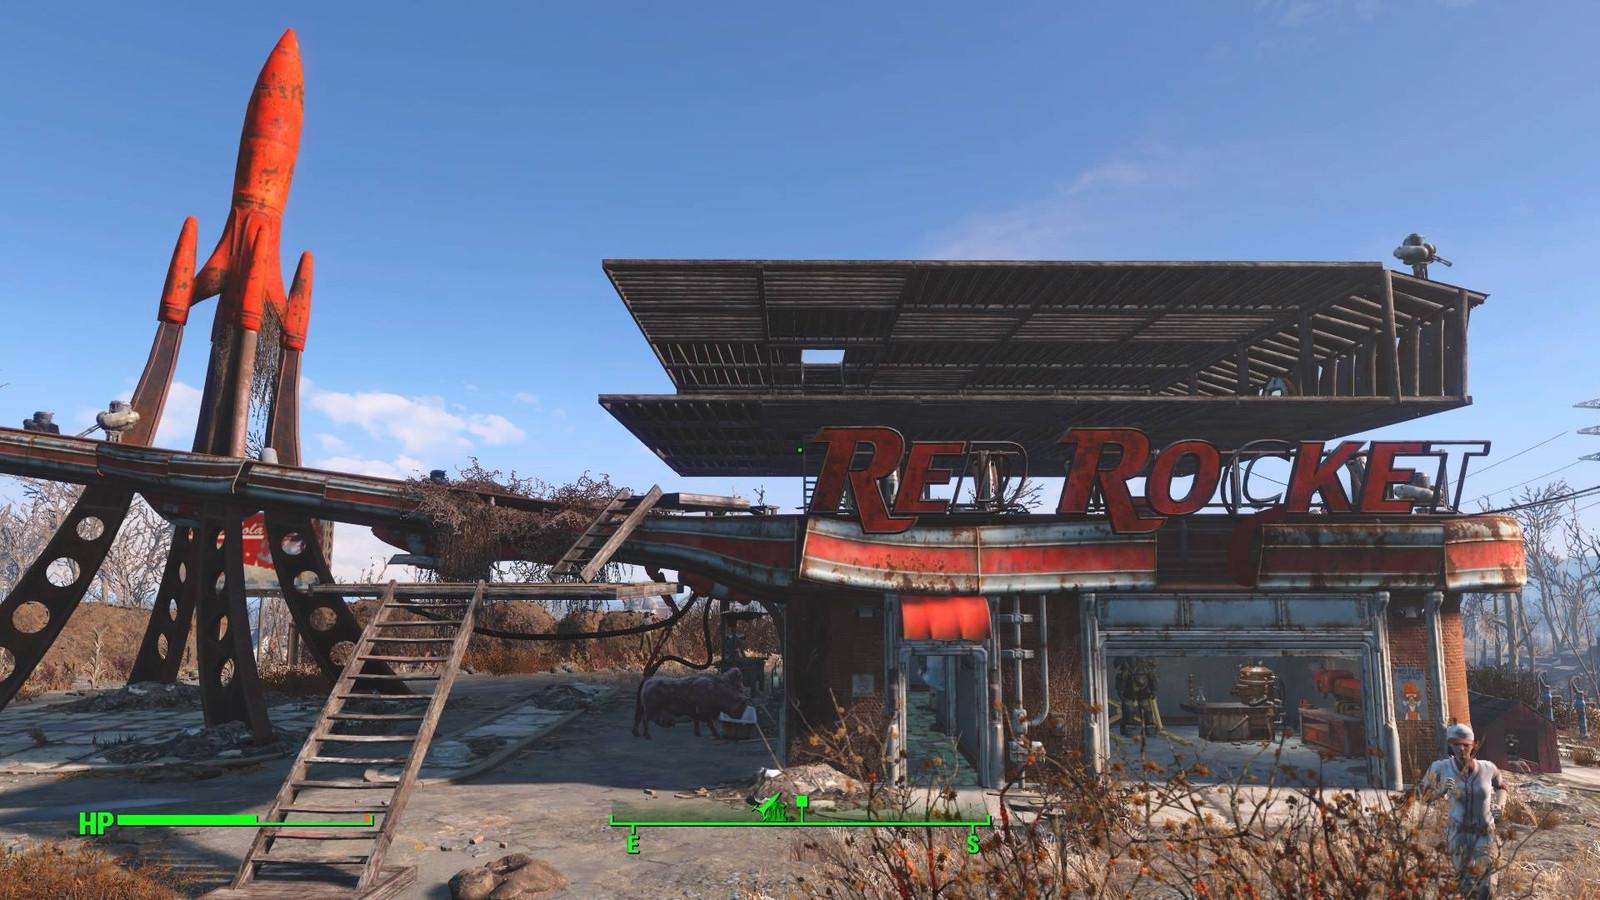 僕がFallout4(フォールアウト4)にドハマりした11の理由:Fallout4の美しい廃墟